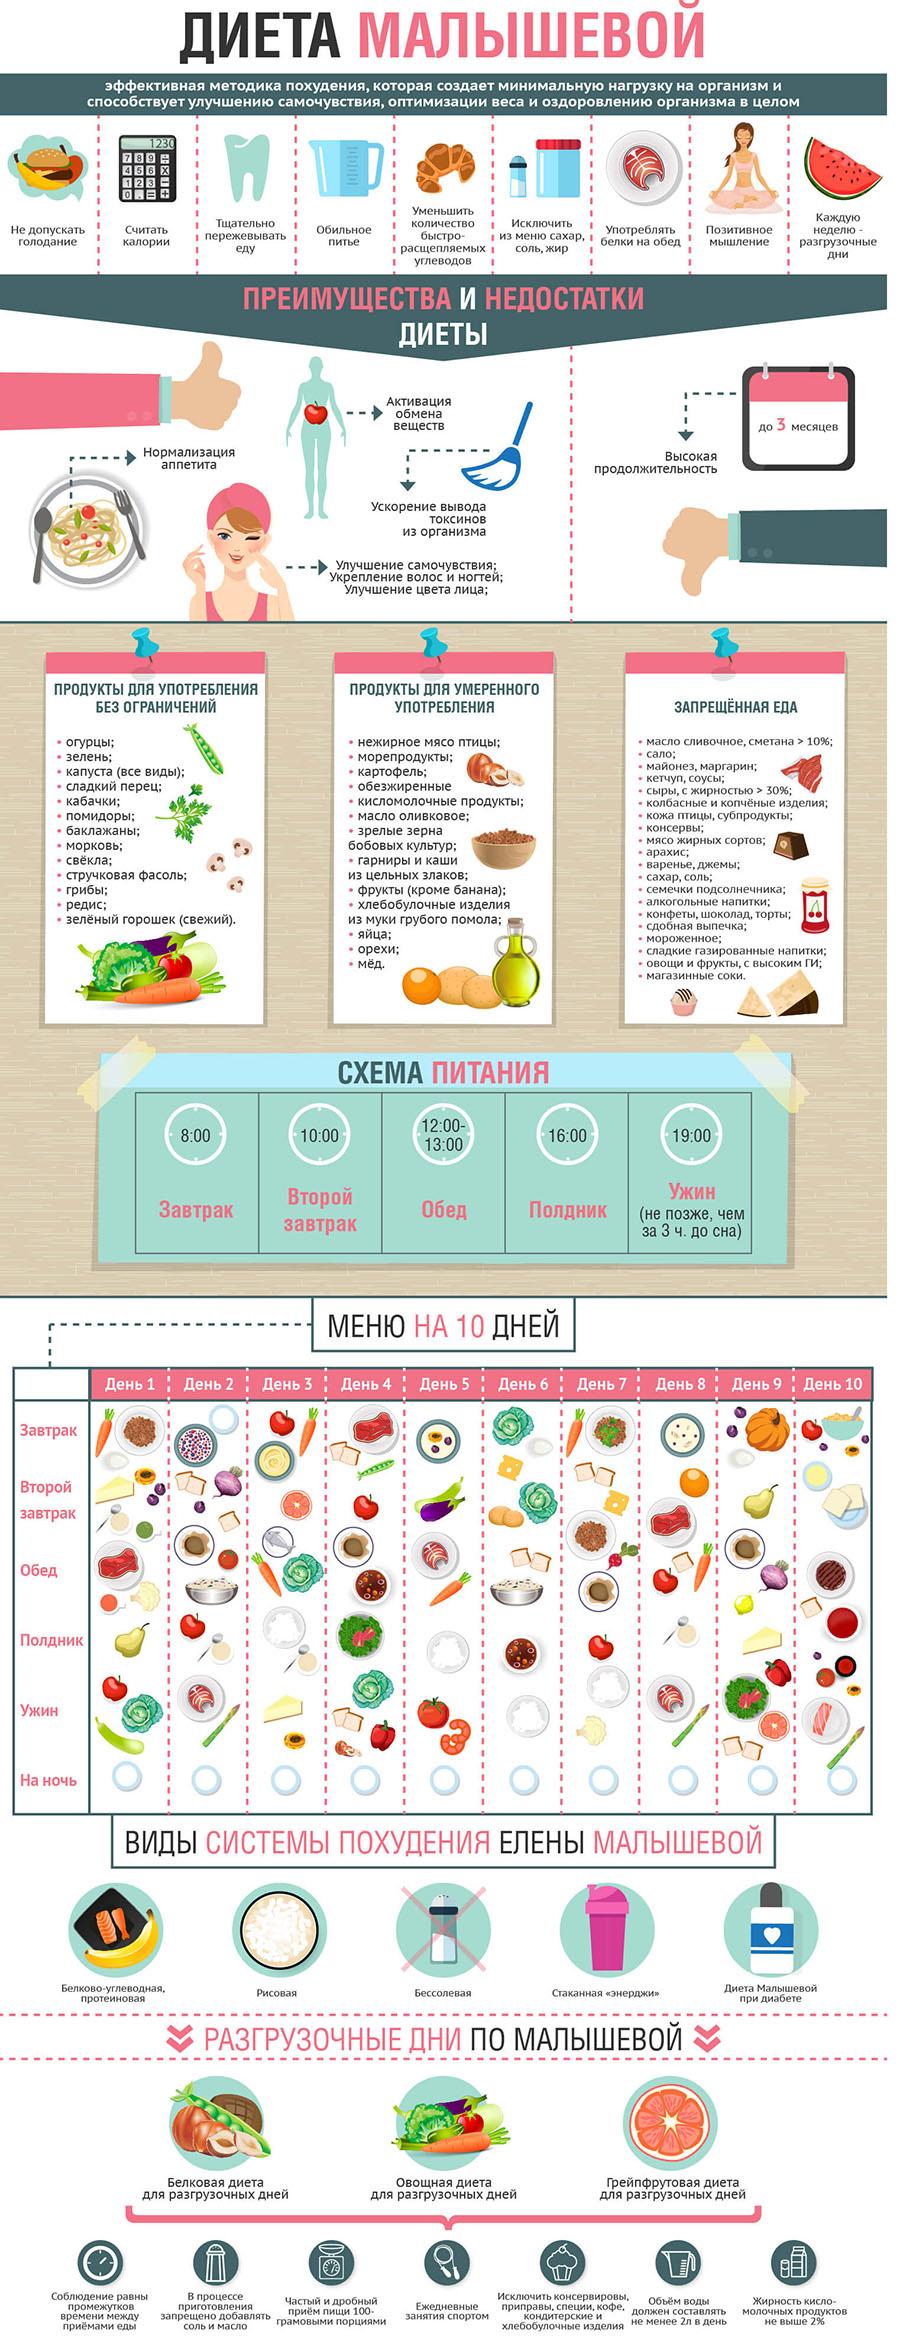 Похудеть при помощи диеты малышевой